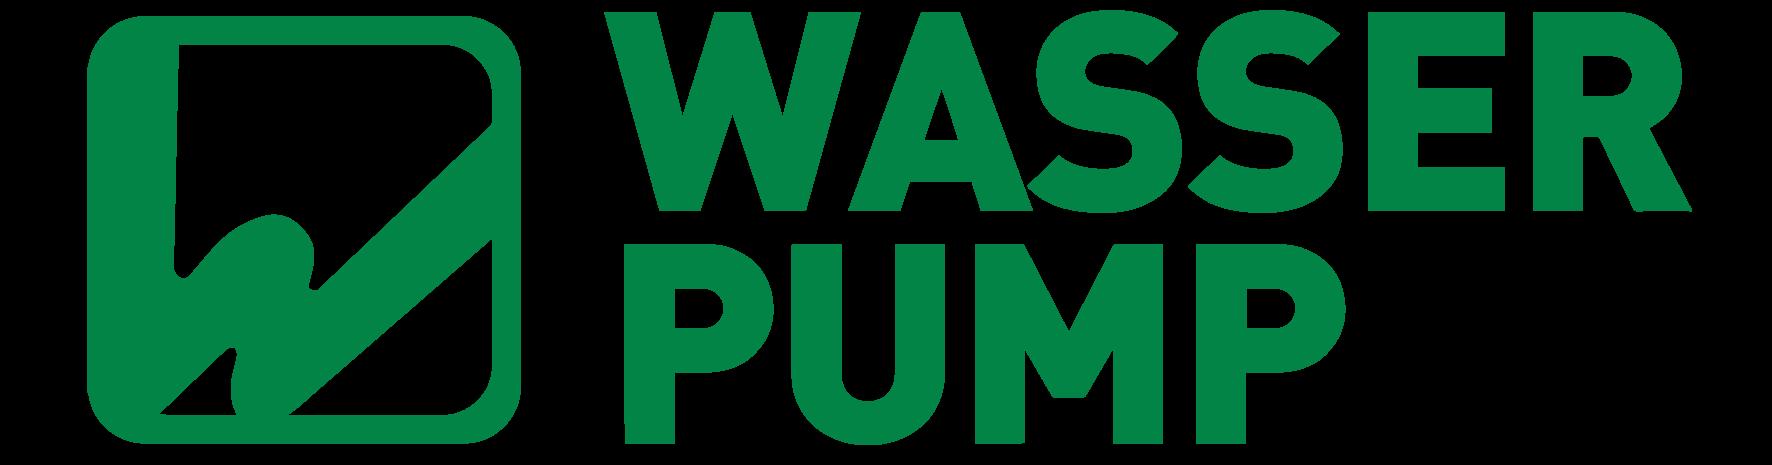 Wasserpump